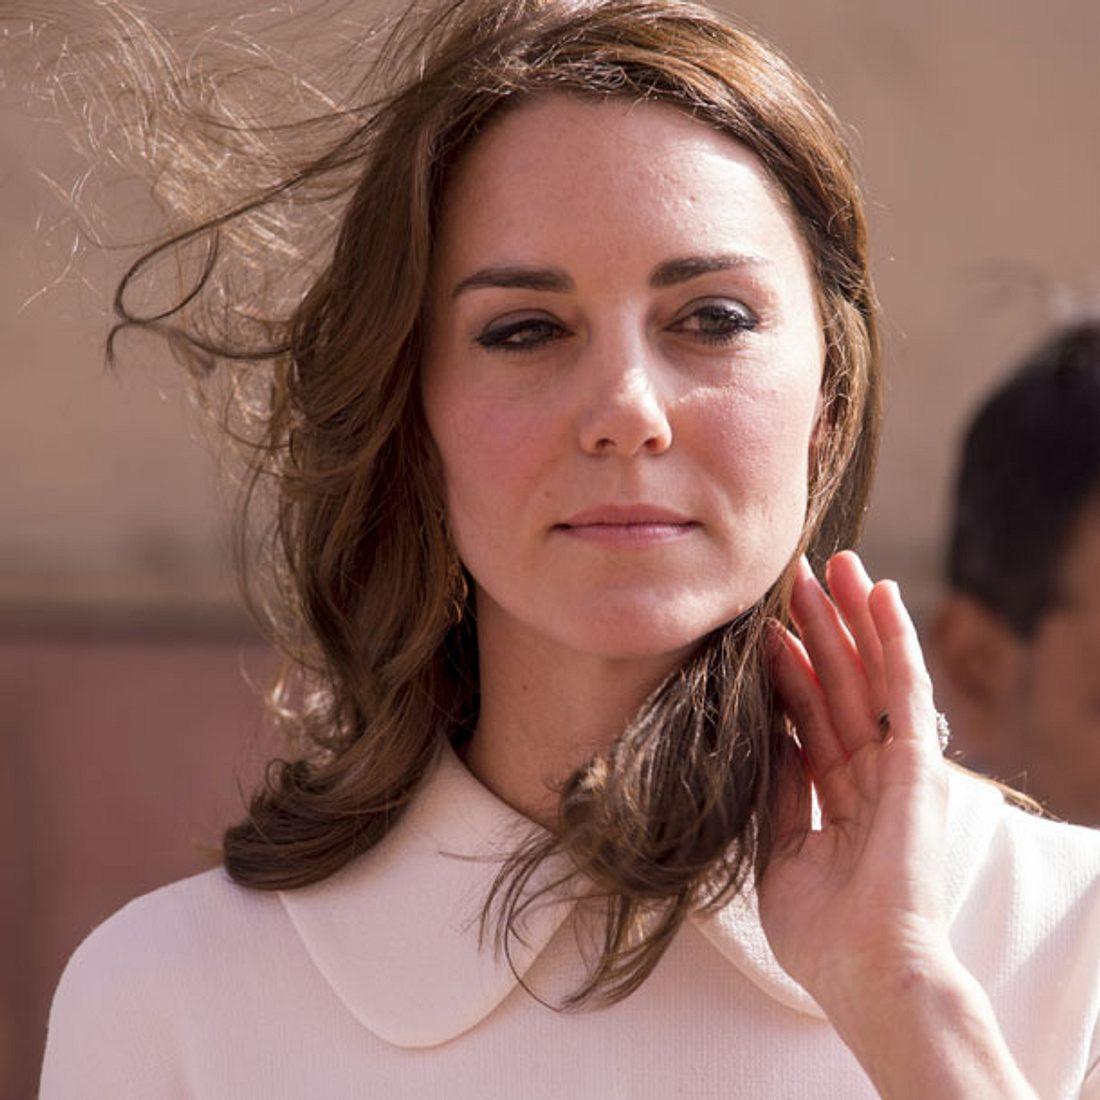 Die Eltern von Herzogin Kate lassen sich angeblich scheiden